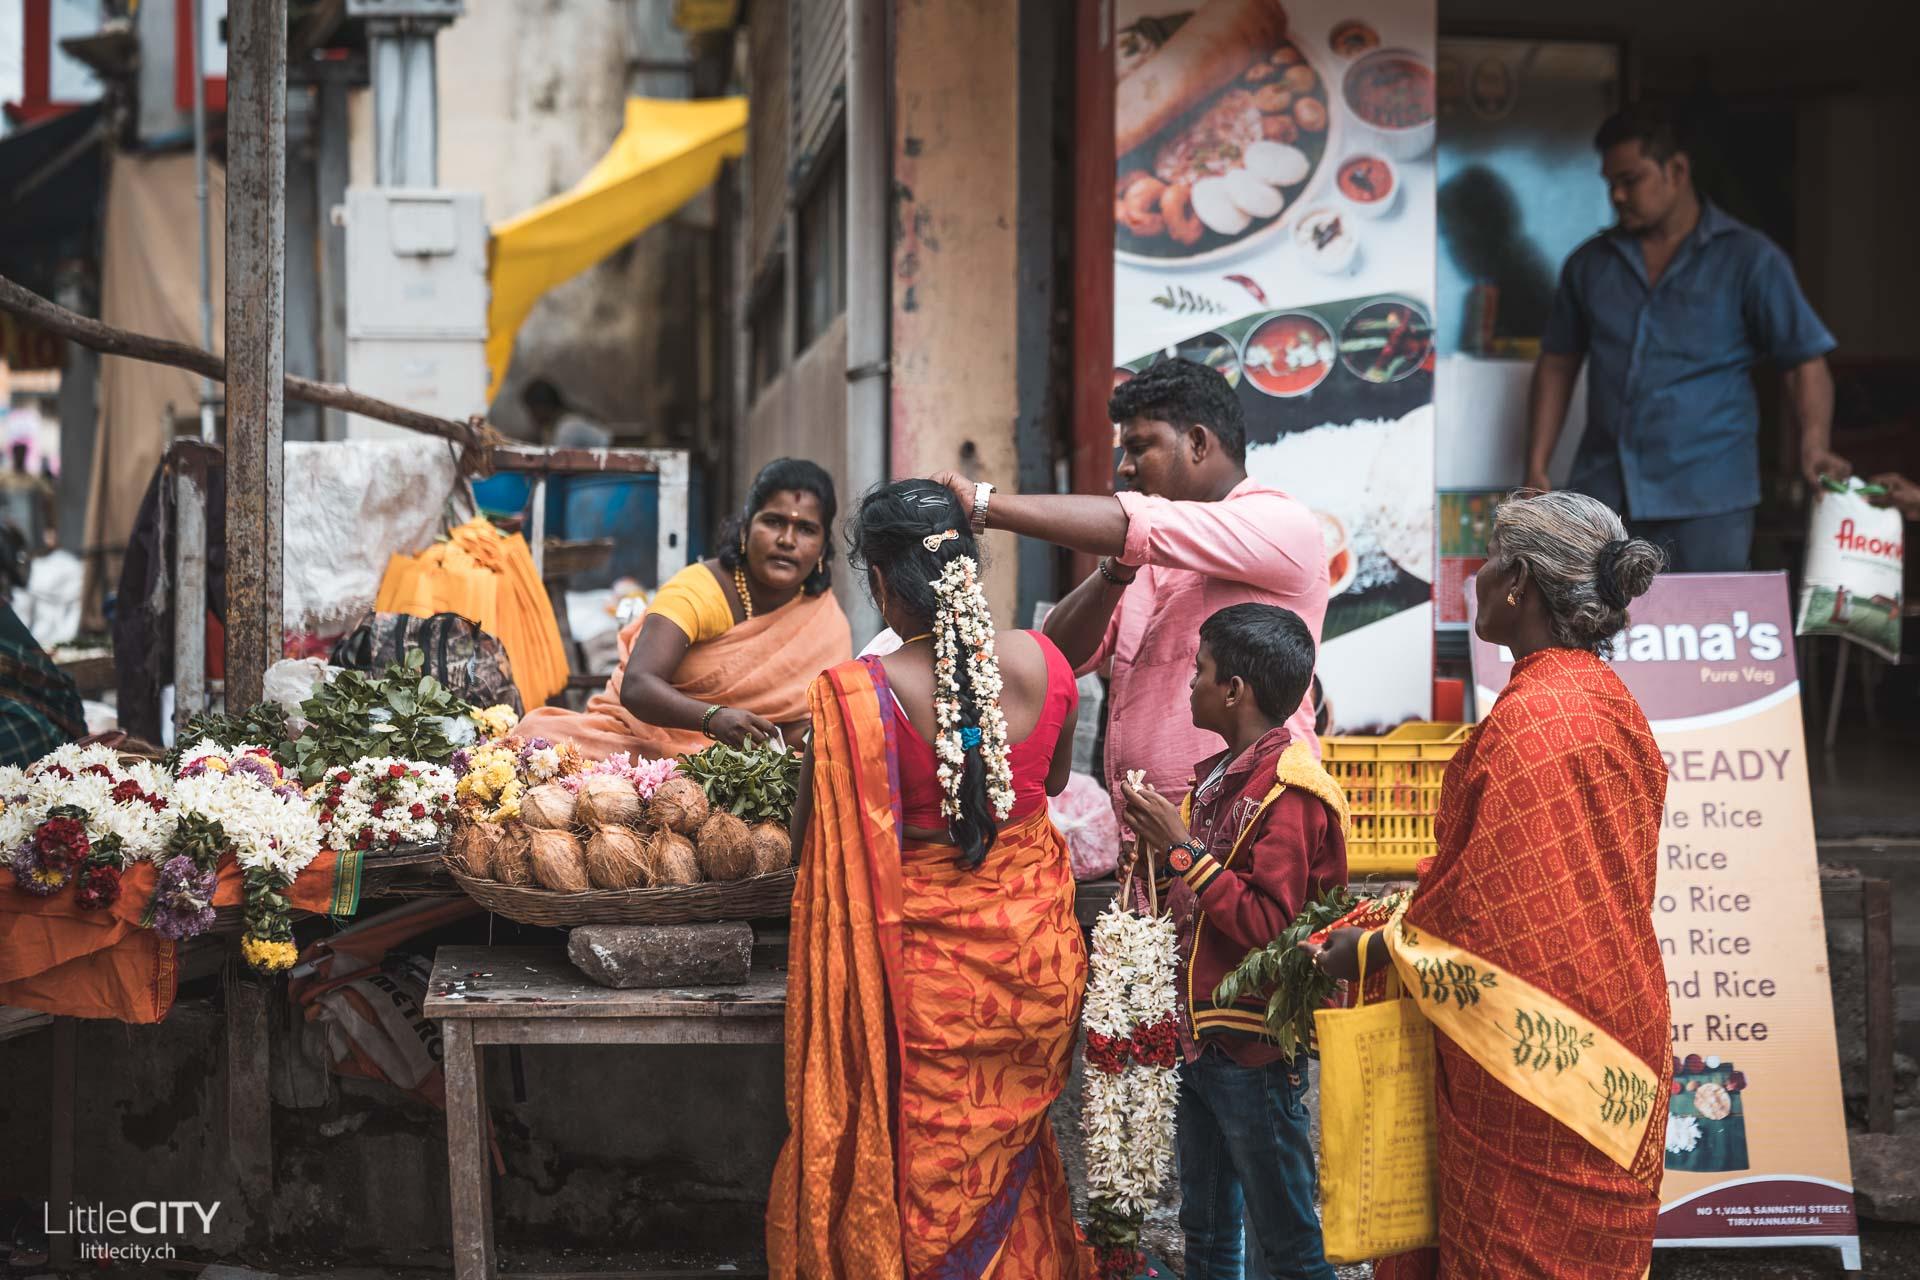 Tiruvannamalai Indien Reisebericht